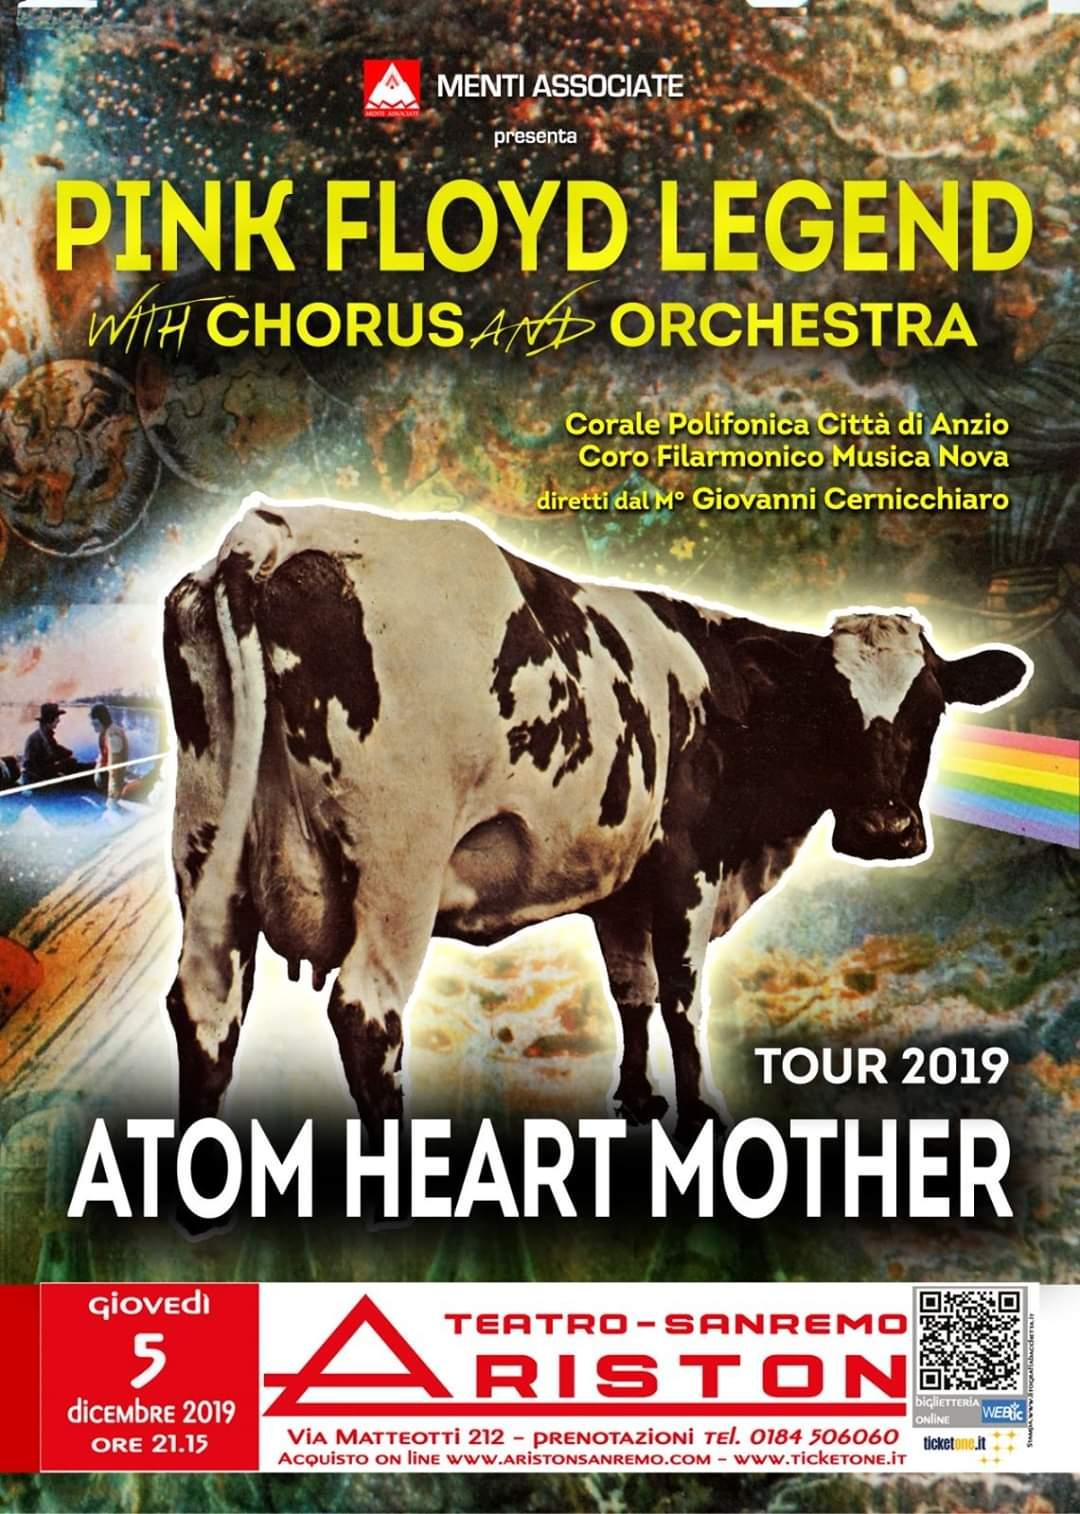 Anzio: Corale Polifonica e Pink Floyd Legend protagonisti a Sanremo con 'Atom Heart Mother tour' - Il Corriere della Città